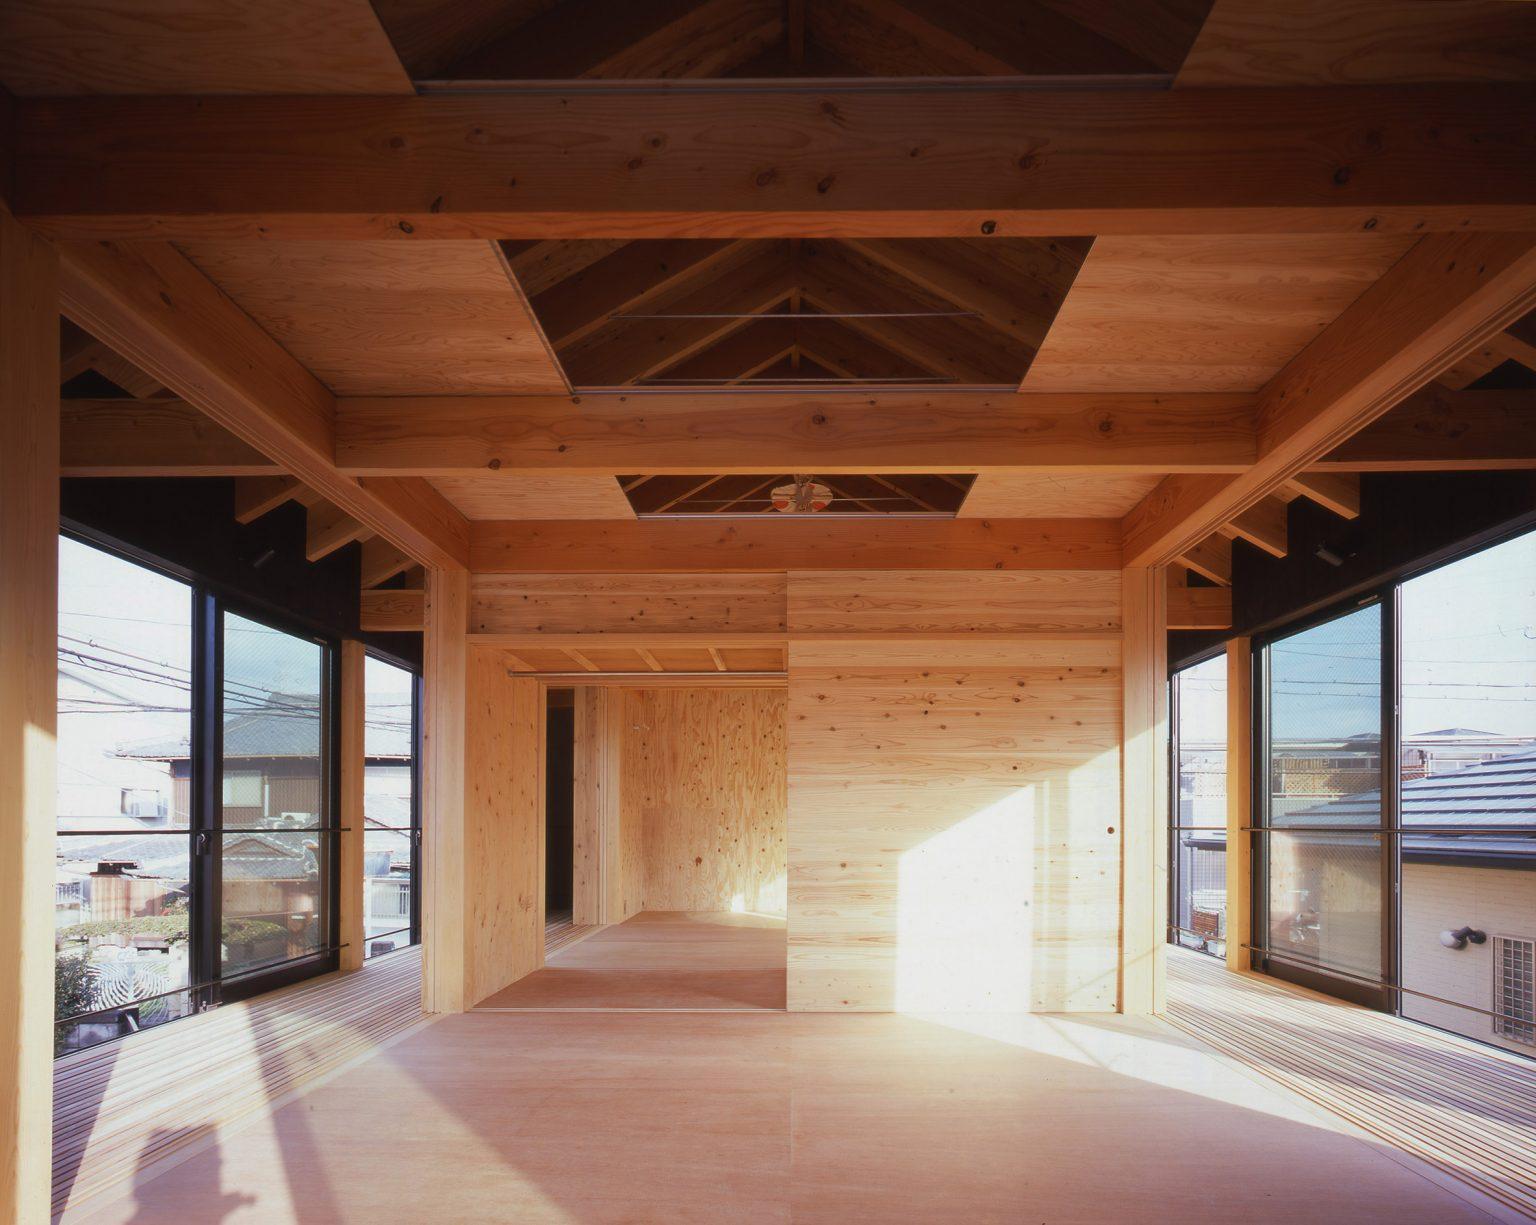 Desain Rumah di Jepang Punya 'Makam' Menyerupai Telur